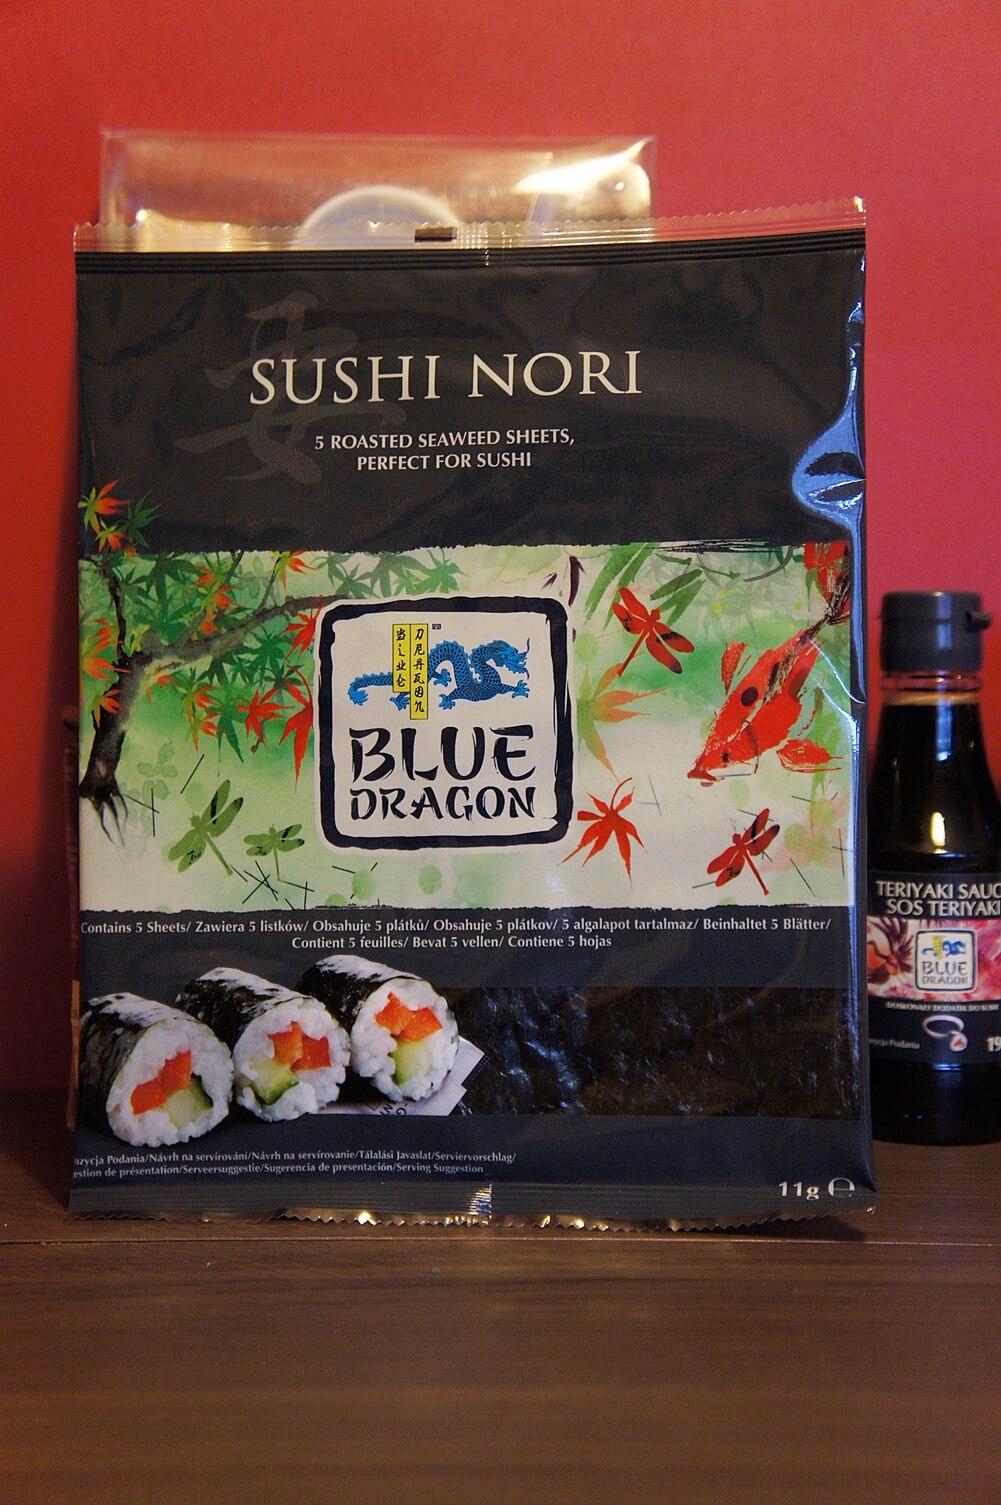 jak zrobić sushi? Blue dragon